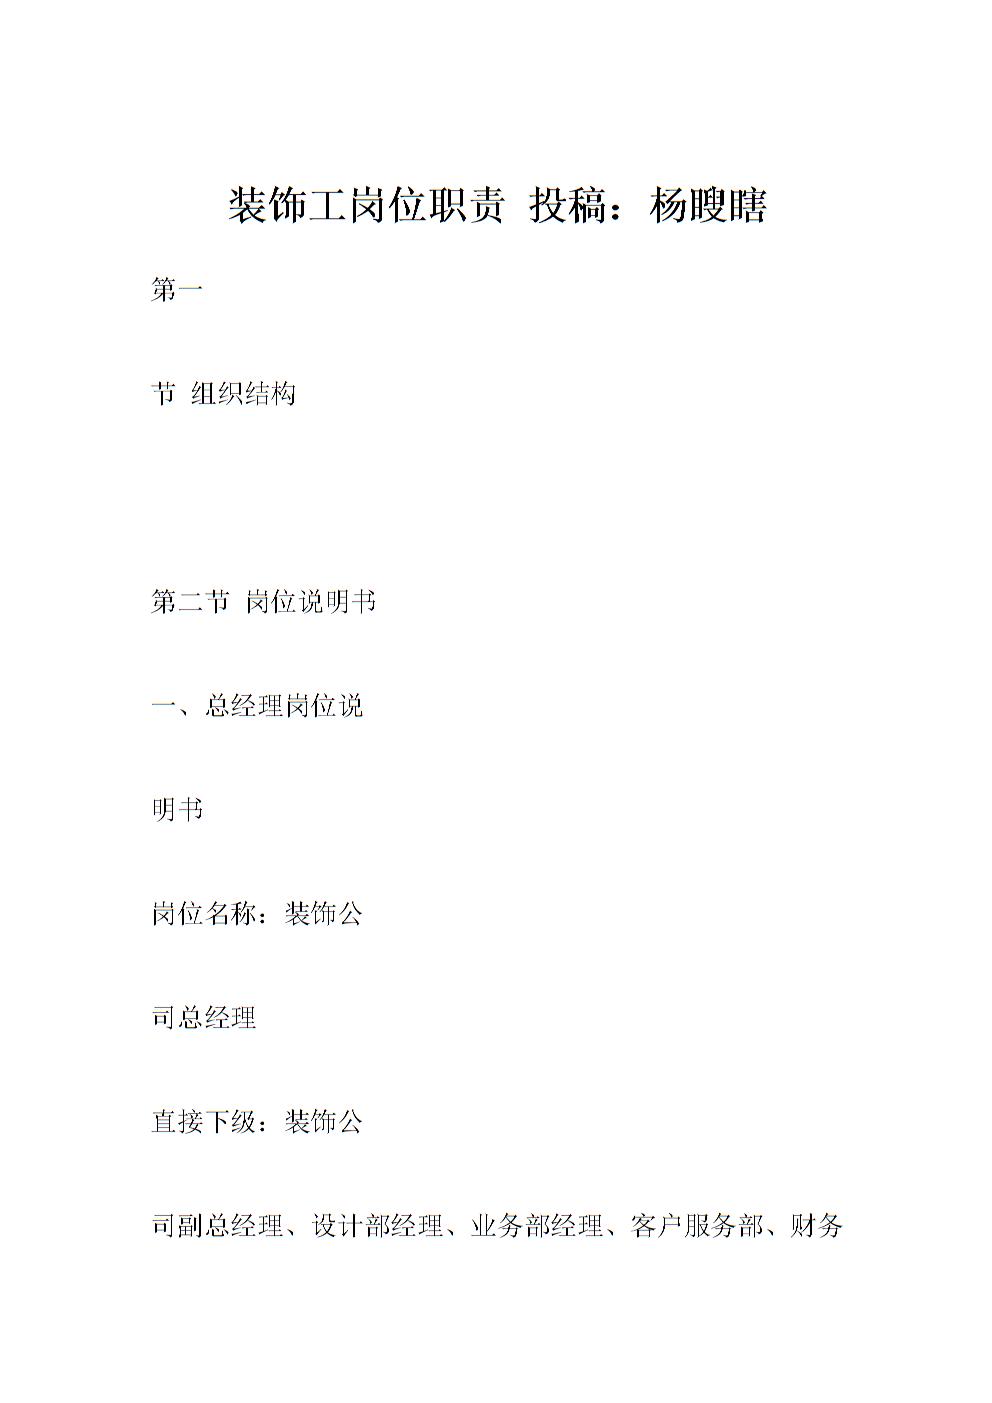 装饰工岗位职责投稿:杨瞍瞎.doccad广告设计课程图片